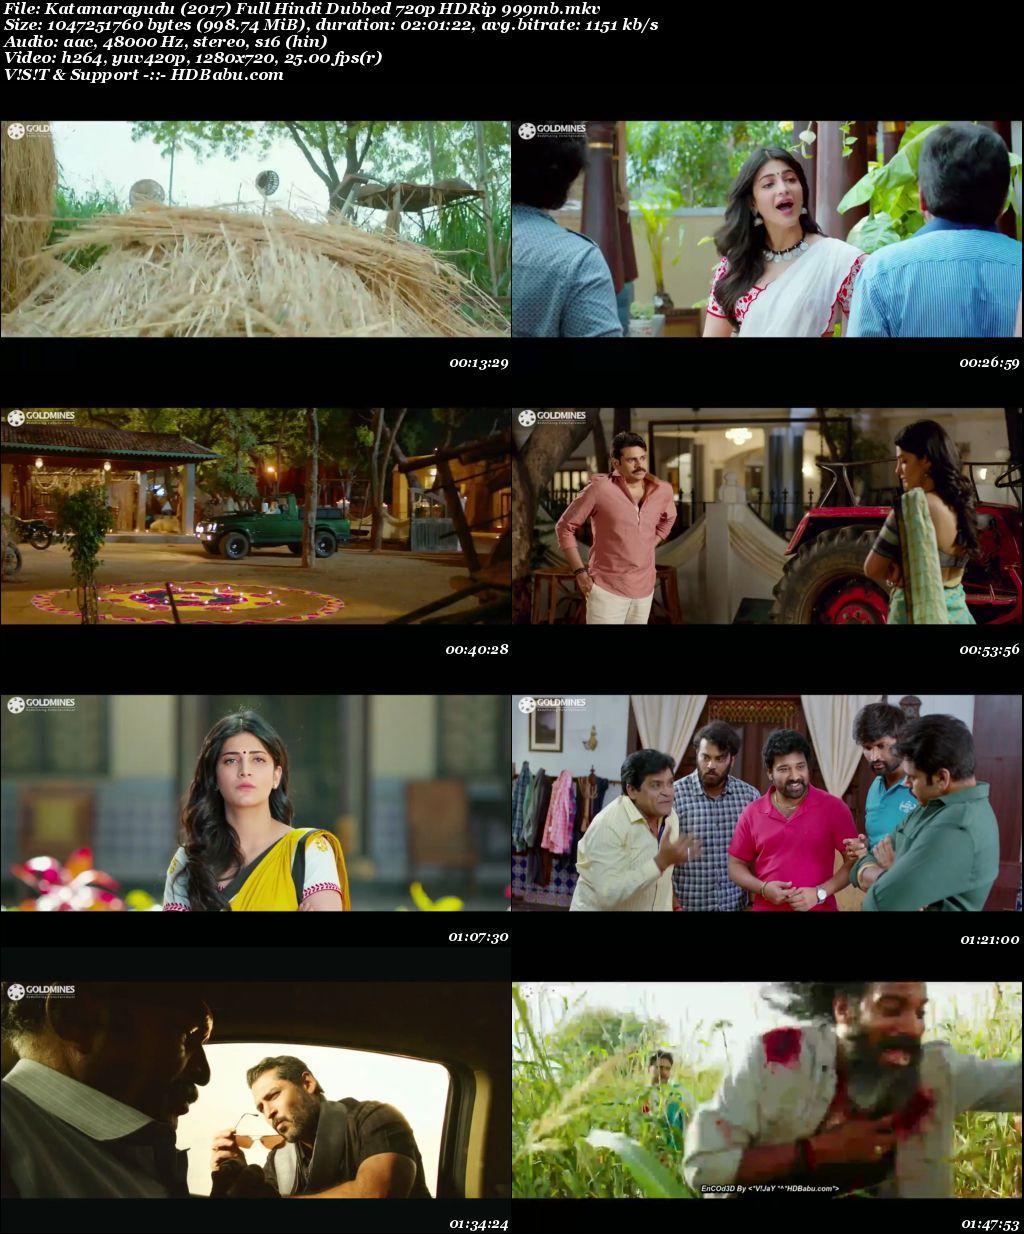 Katamarayudu (2017) Full Hindi Dubbed 720p HDRip 999mb Screenshot